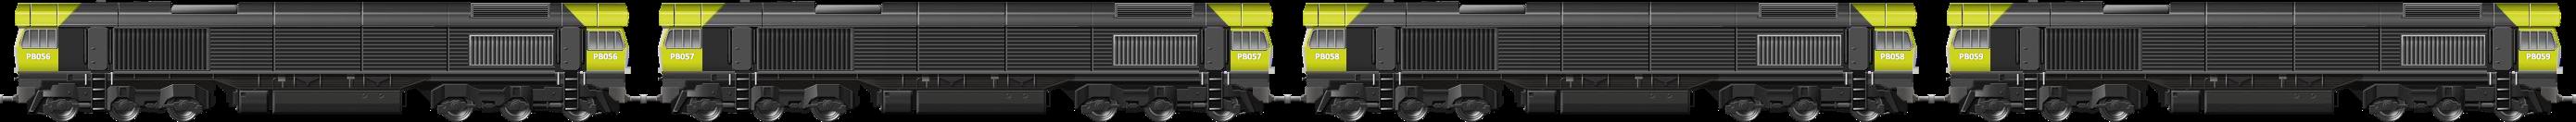 Captrain Cargo I